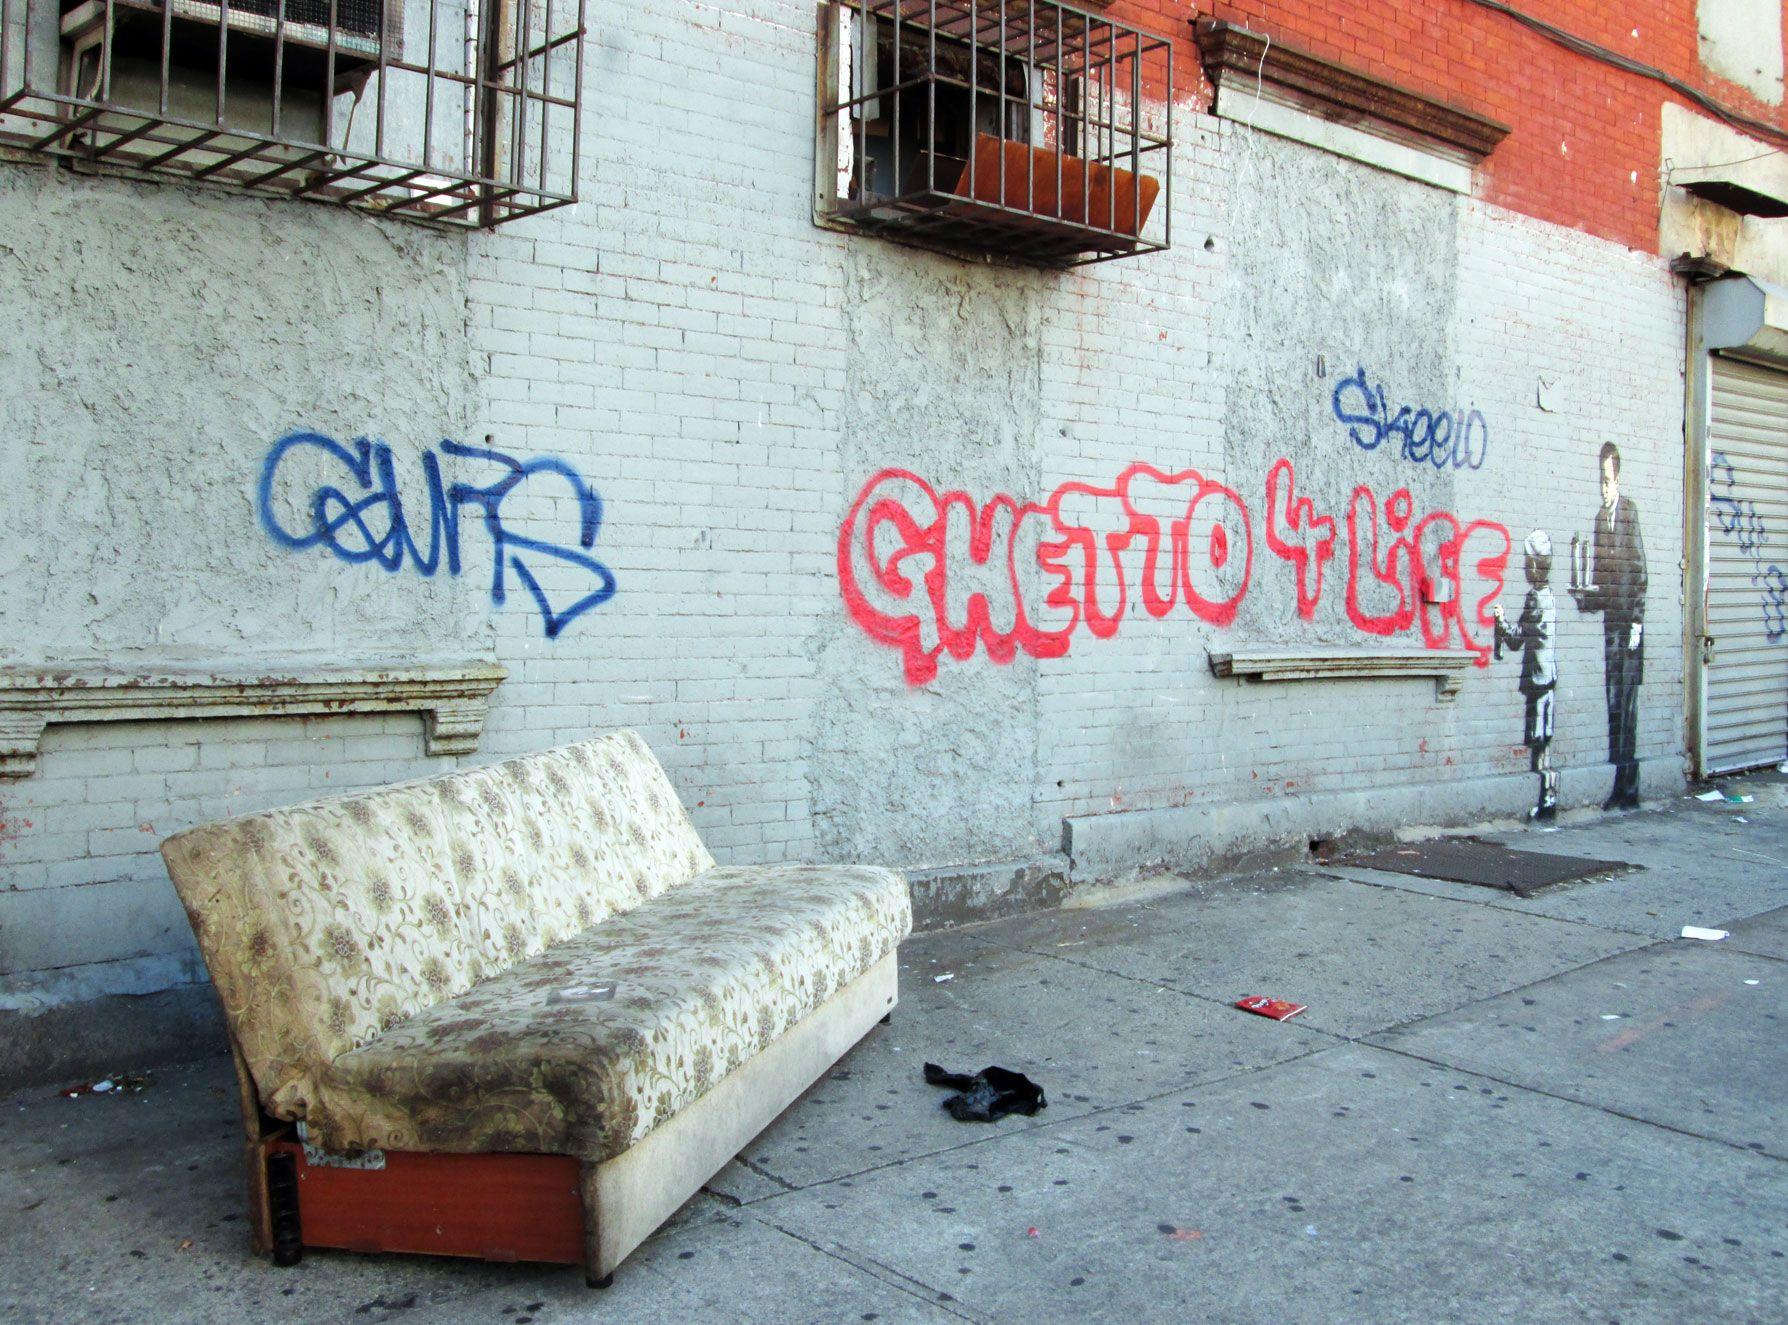 Mural #24 #newyork #banksy #setting